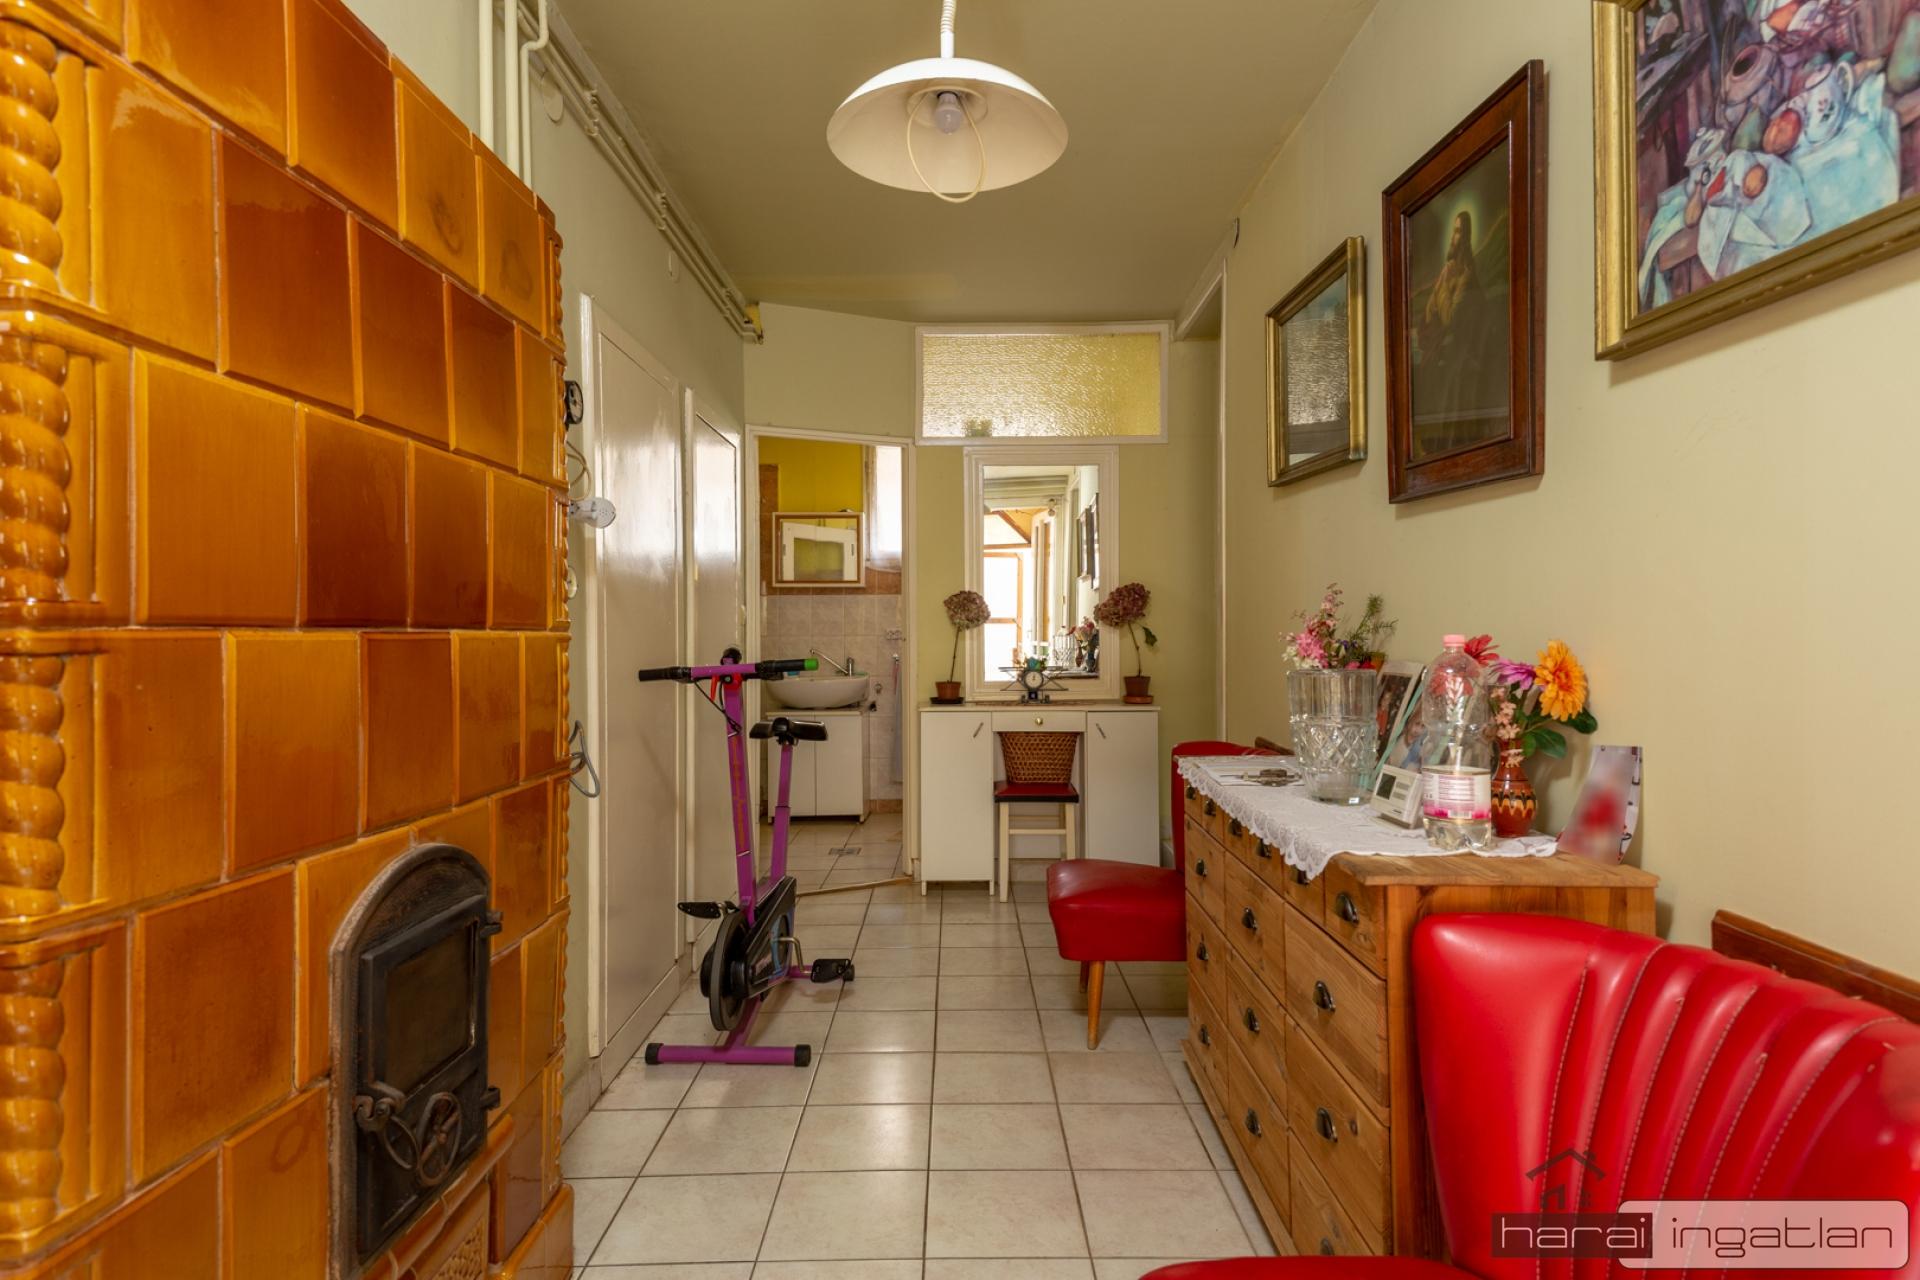 2151 Fót Eladó Ház (#01012021199)